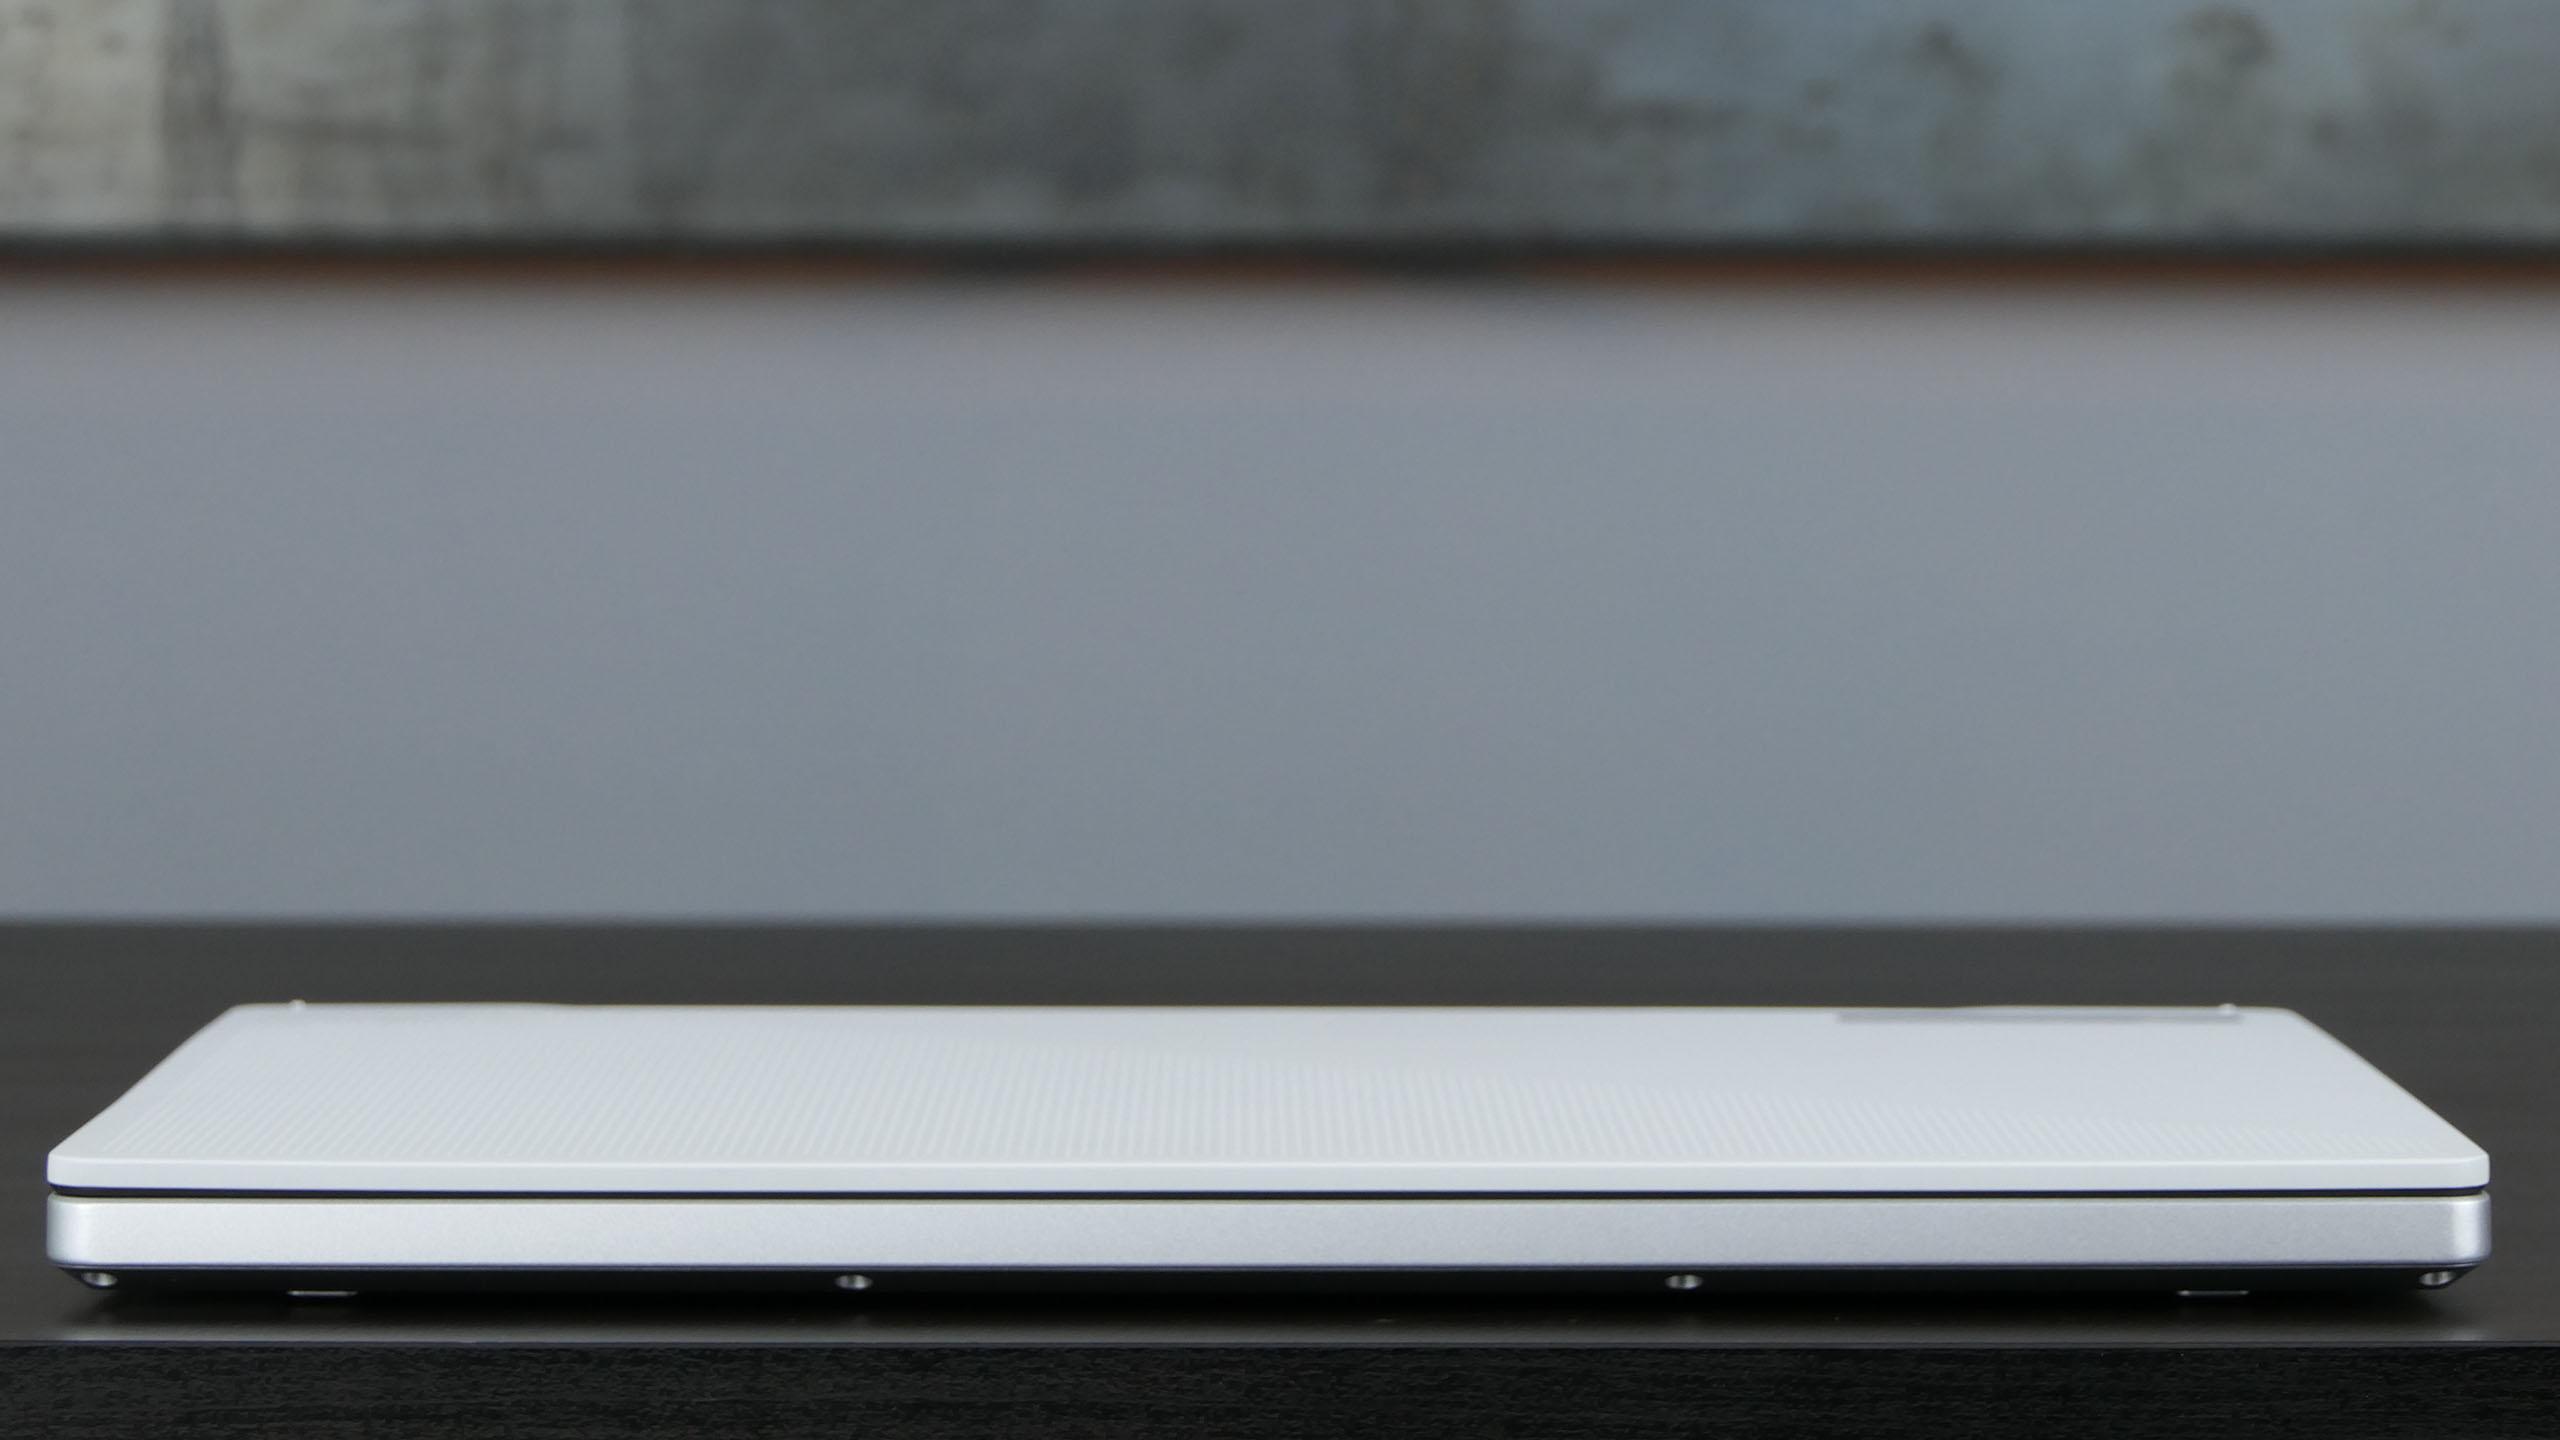 Asus ROG Zephyrus G14 - front notebooka